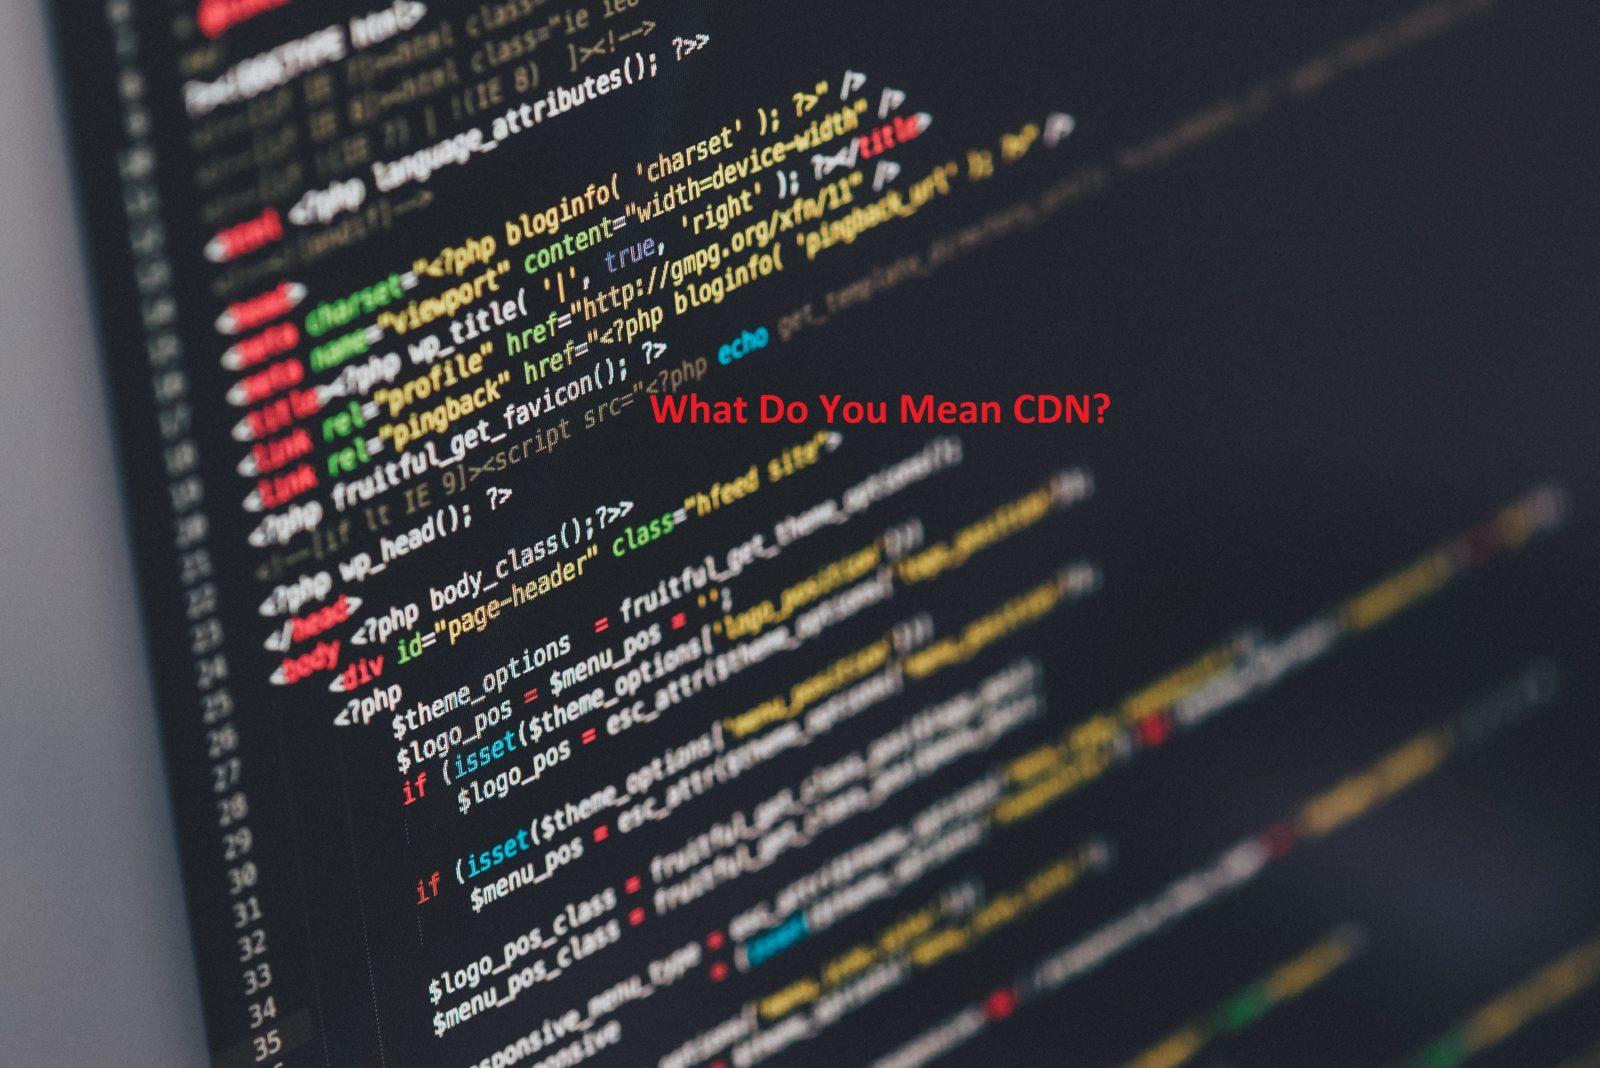 how to implement cdn on wordpress website